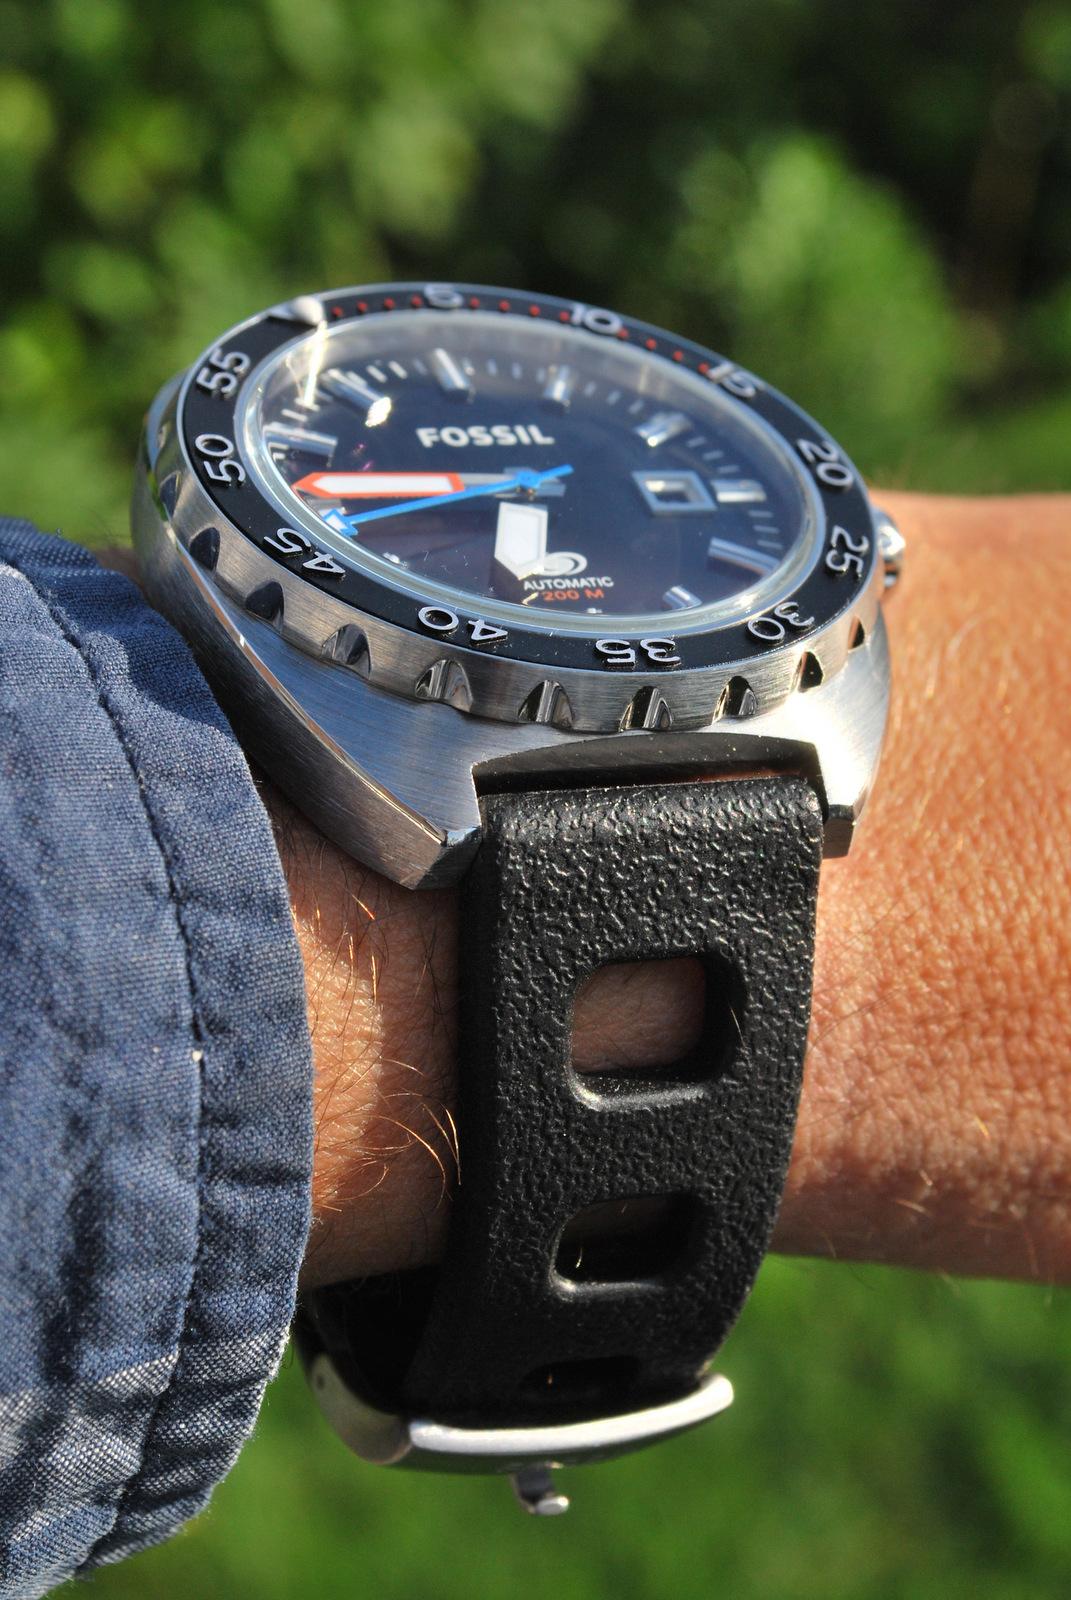 Os fijais en relojes,... 673932d1376832286t-weltpremiere-im-uhrforum-fossil-vintage-diver-breaker-limited-edition-le105-1-dsc_3524